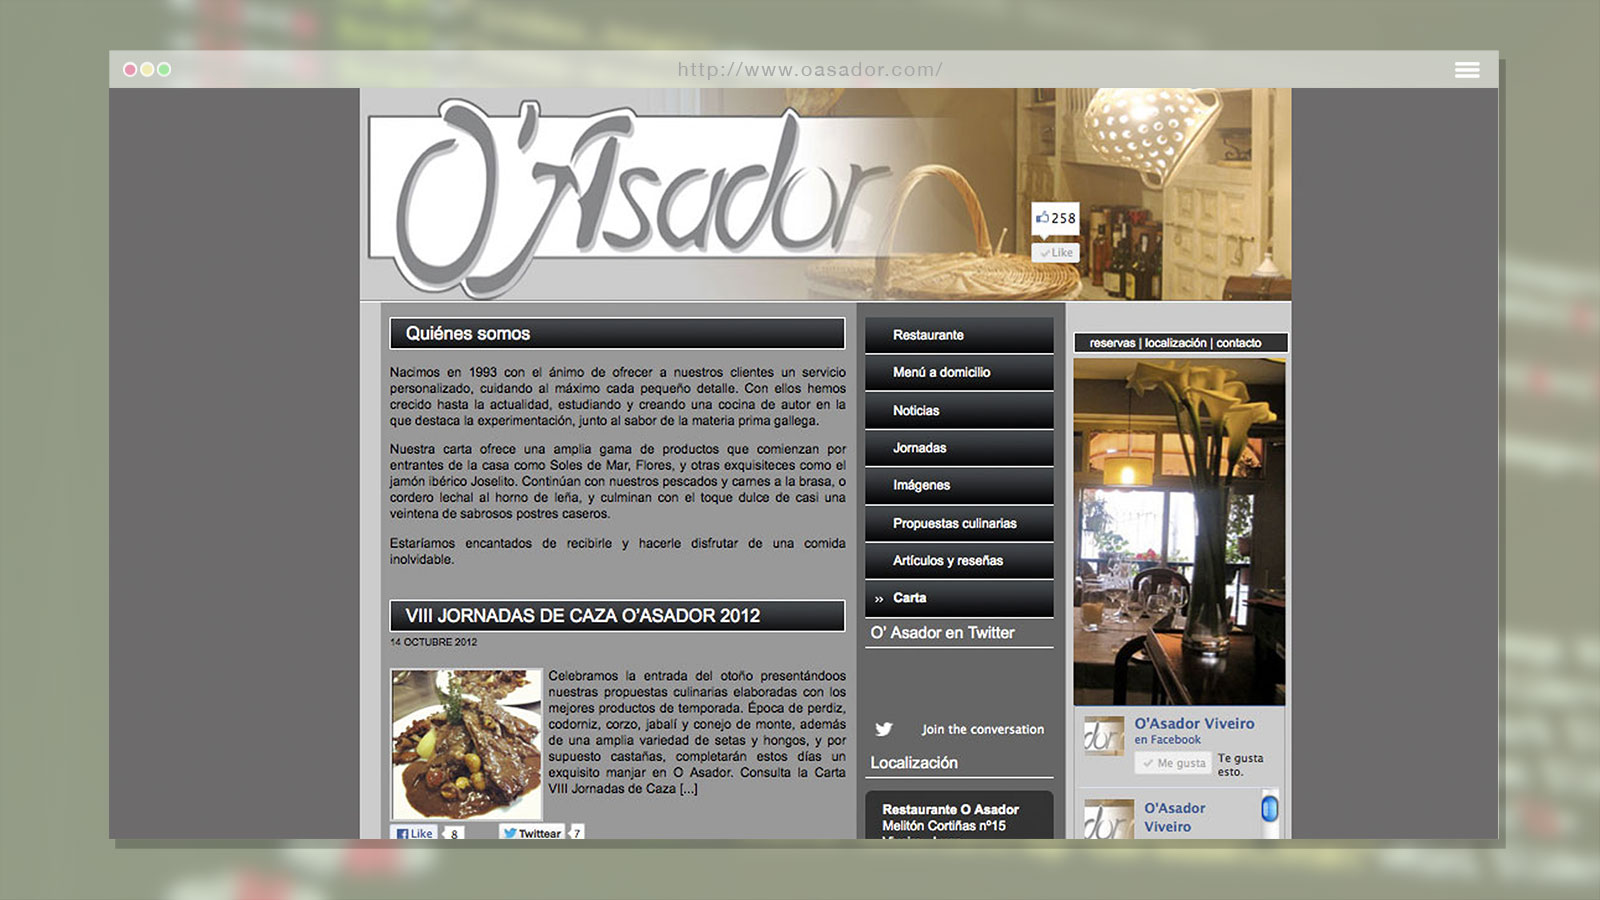 oasador.com